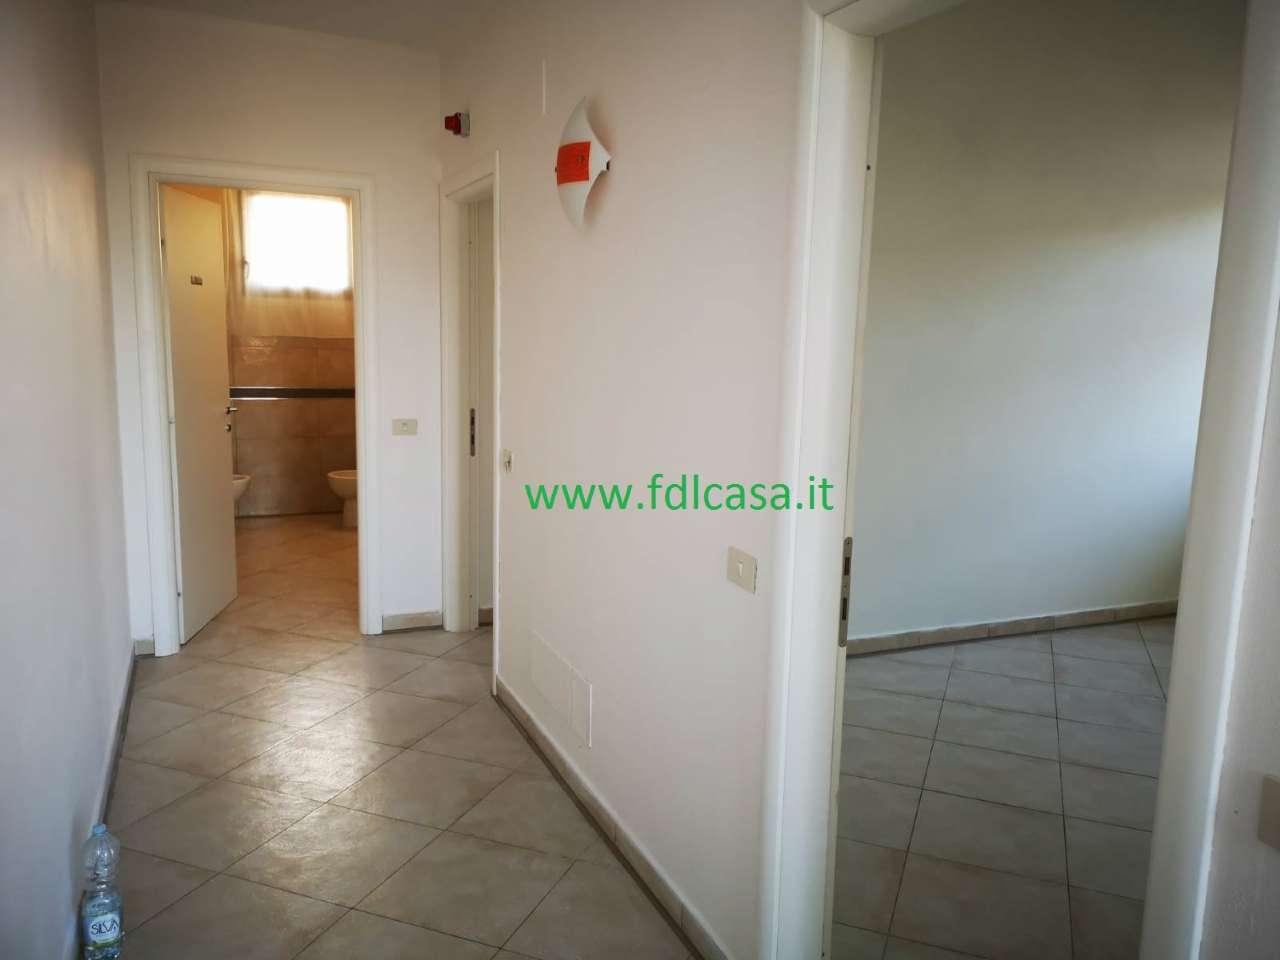 Ufficio / Studio in vendita a San Miniato, 3 locali, prezzo € 650   PortaleAgenzieImmobiliari.it